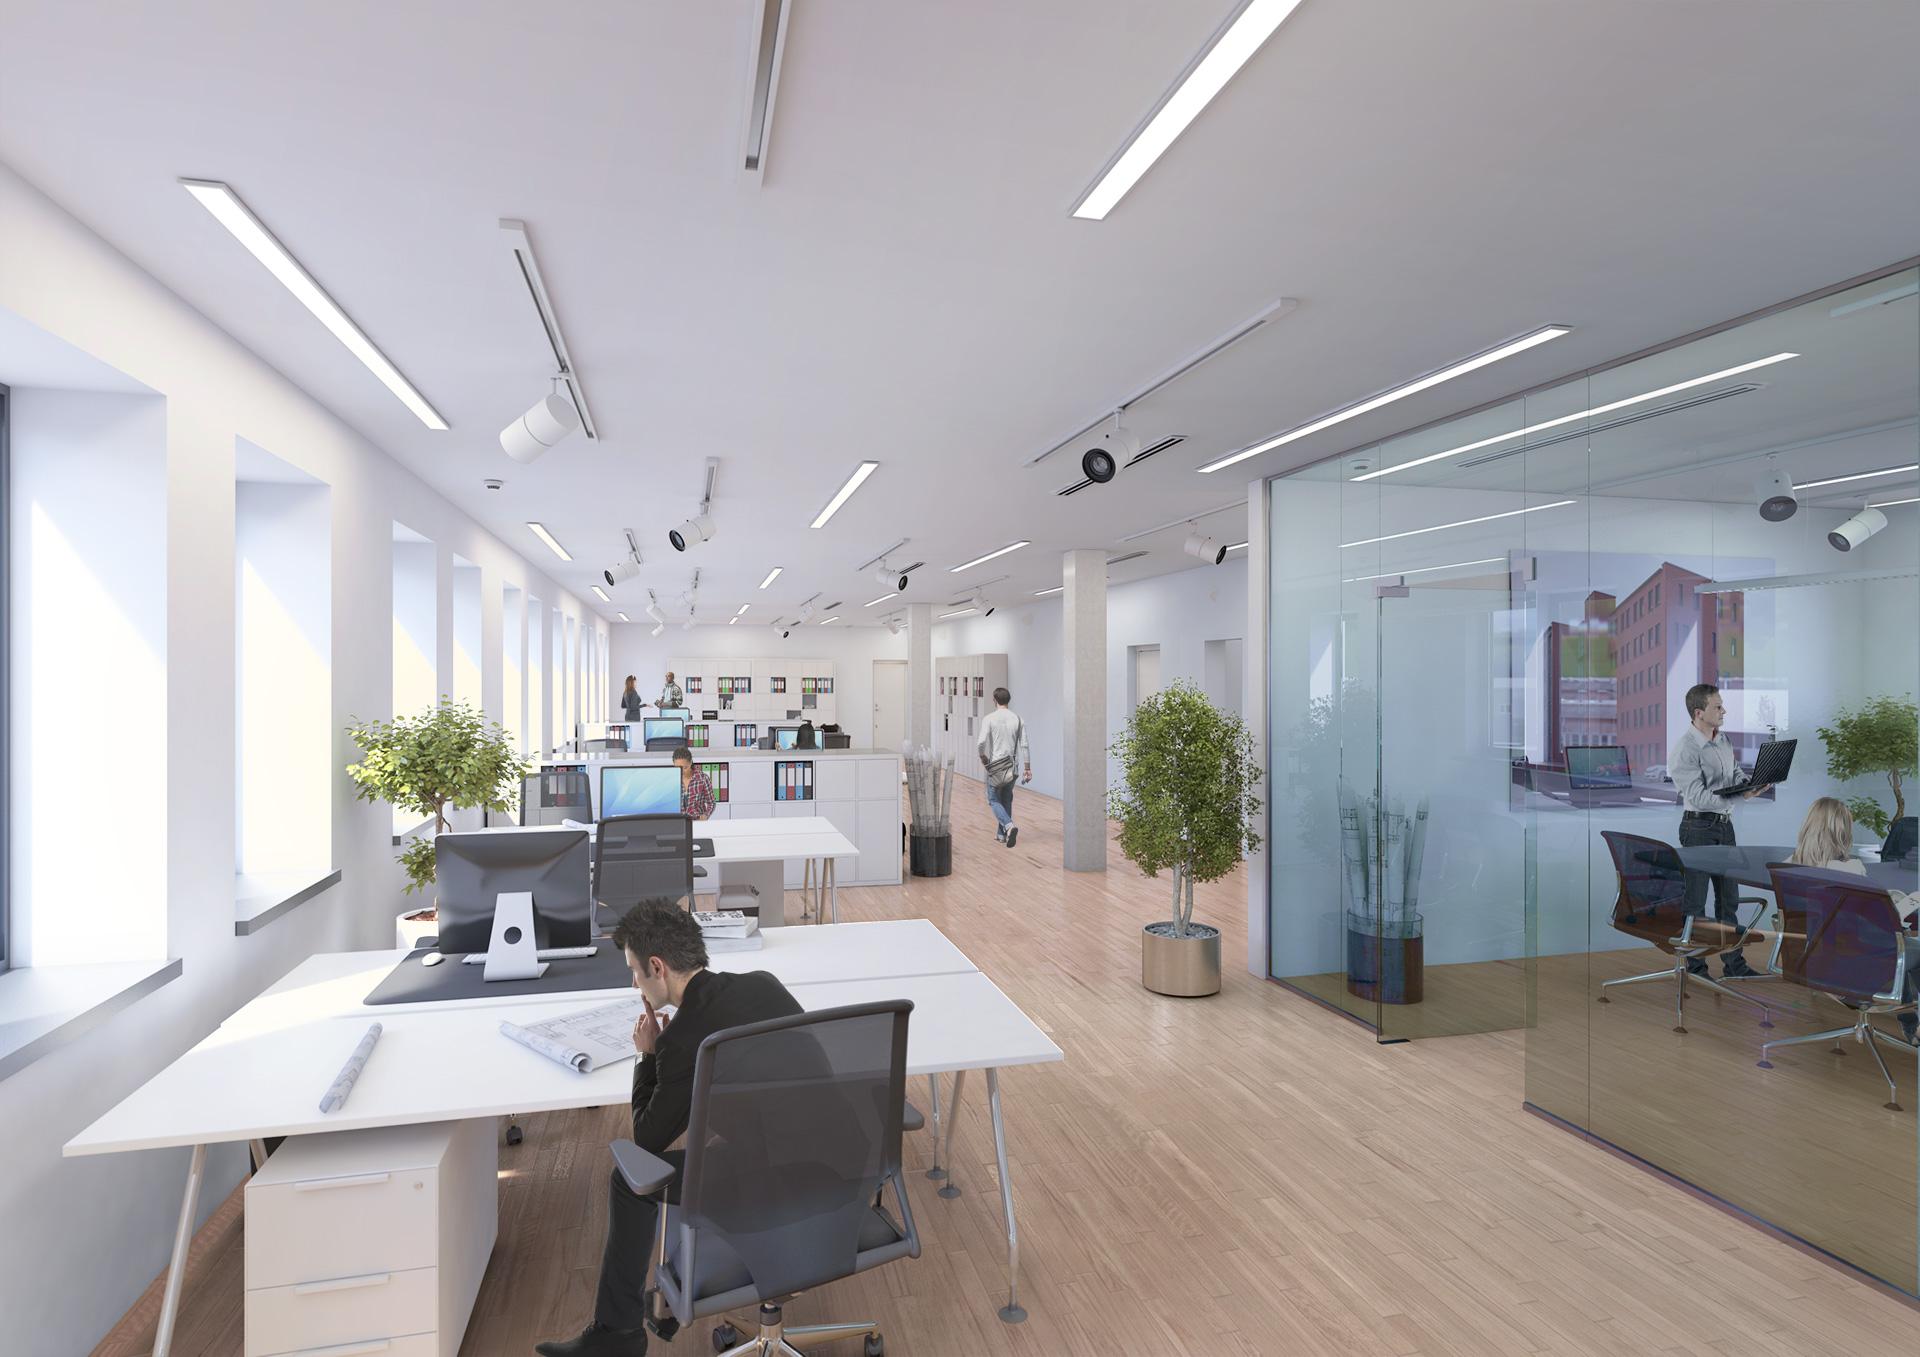 Architekturvisualisierung-Großraumbüro-001